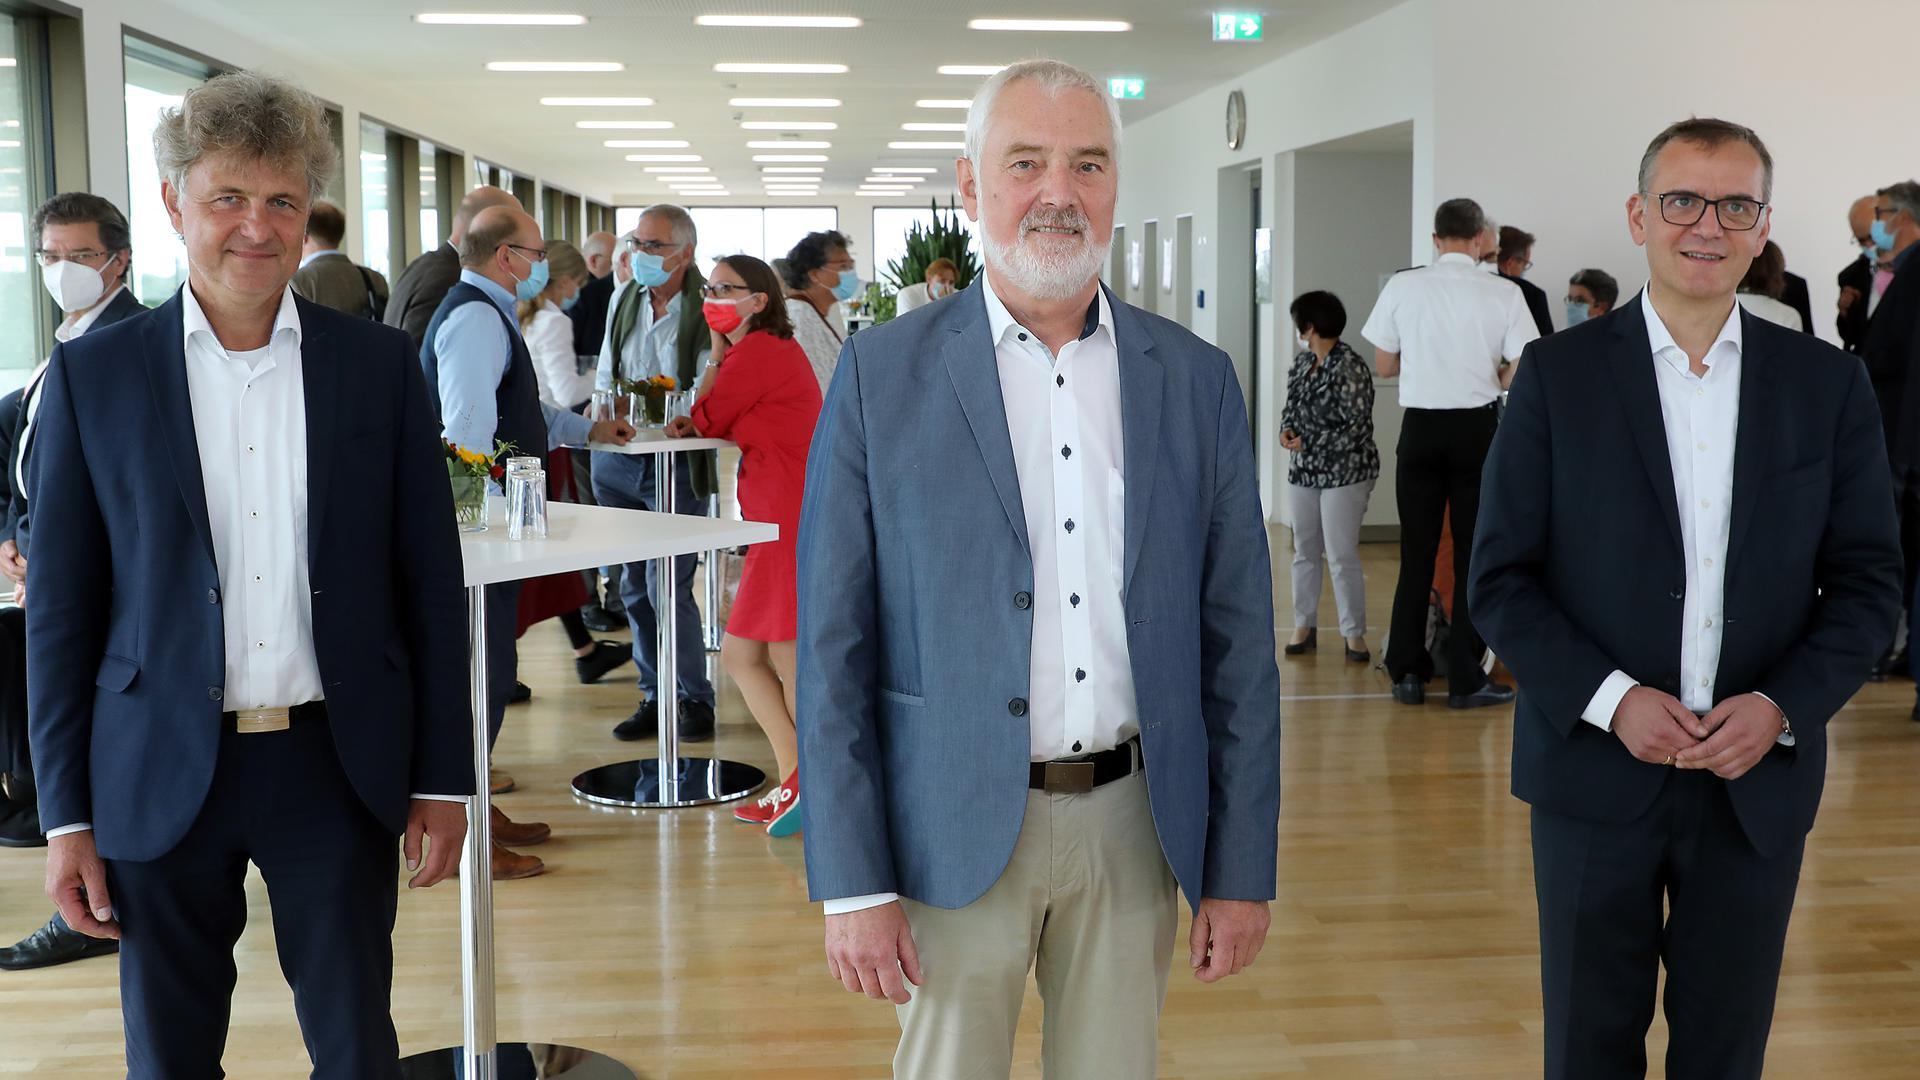 Ende einer Ära: Nach mehr als 26 Jahren an der Spitze des städtischen Presseamts ist Bernd Wnuck (Mitte) von Oberbürgermeister Frank Mentrup verabschiedet worden. Sein Nachfolger ist Tobias Jüngert (rechts).